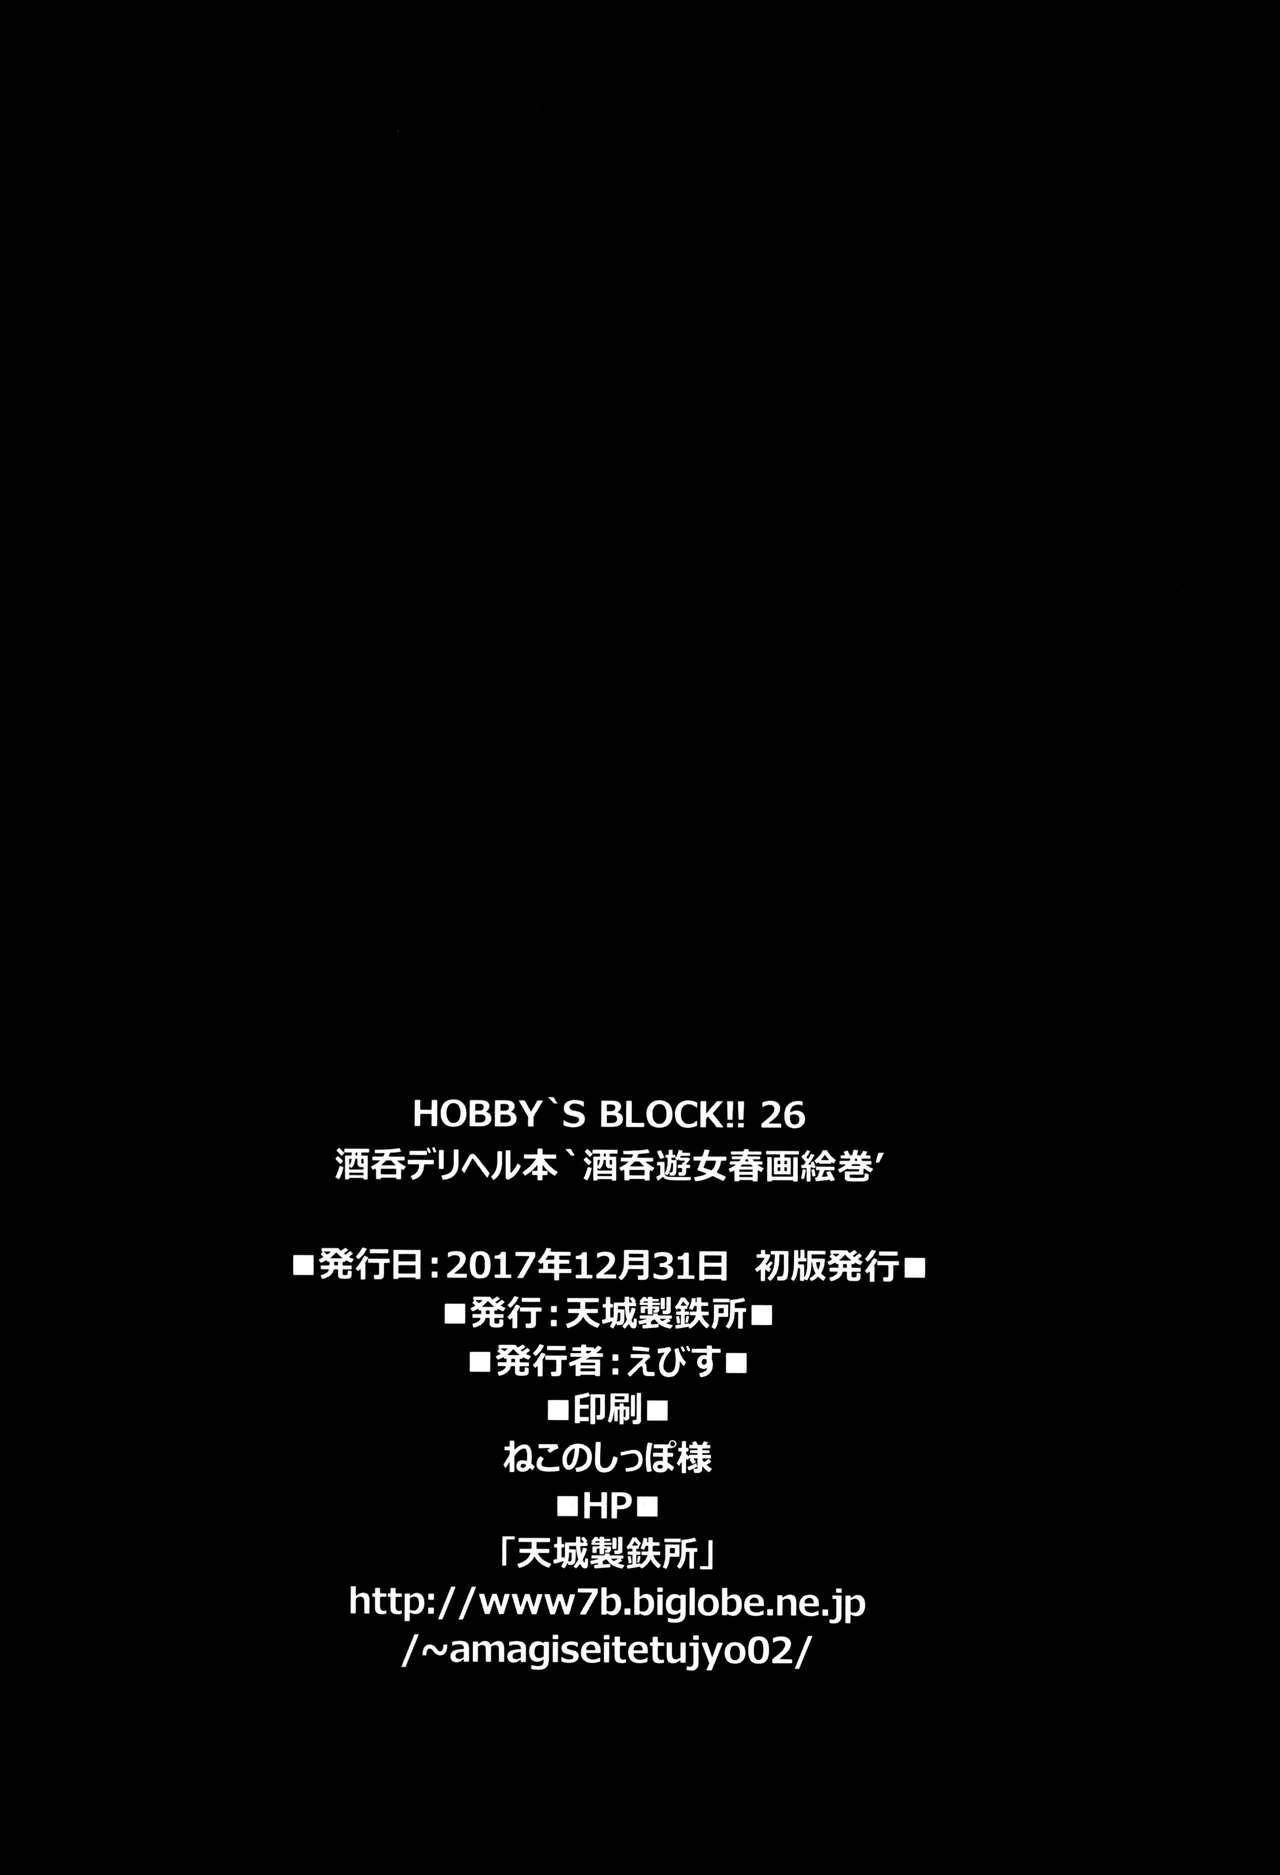 HOBBY'S BLOCK!! 26 Shuten DeliHeal Hon Shuten Yuujo Shunga Emaki 29